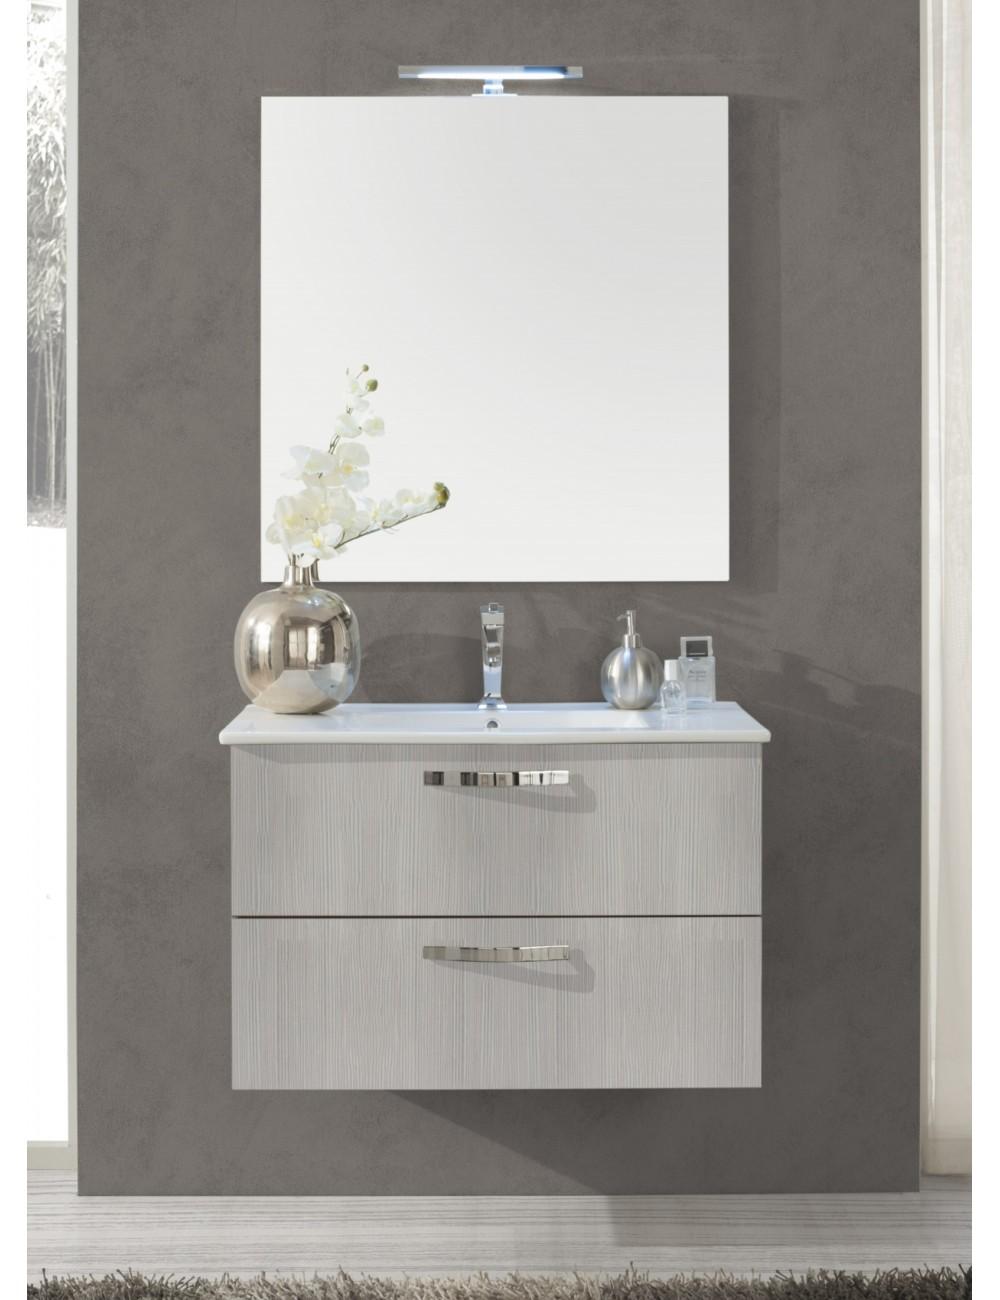 Mobile Bagno Sospeso 80 Cm.Dettagli Su Mobile Bagno Sospeso 80 Cm Design Moderno Top Ceramica E Specchio Focus Terra